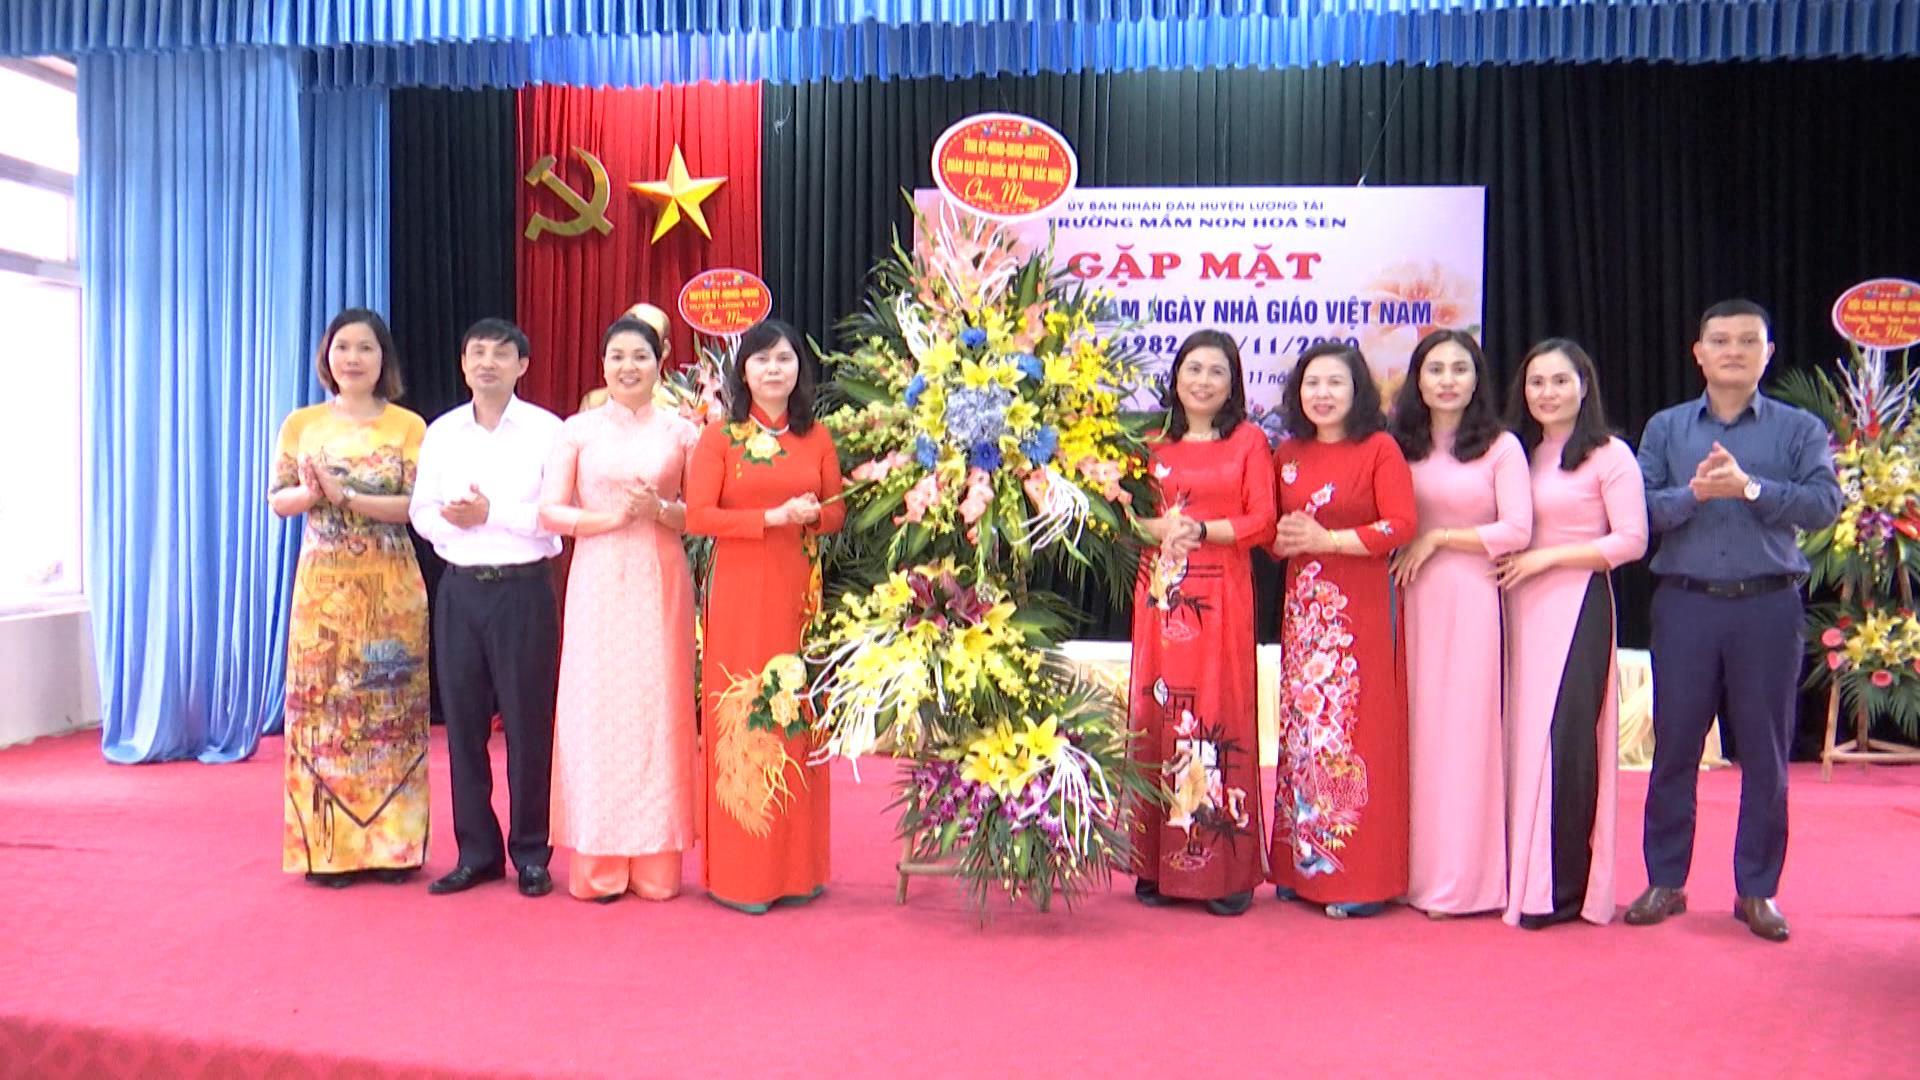 Phó Trưởng Đoàn đại biểu Quốc hội tỉnh chúc mừng  Ngày Nhà giáo Việt Nam tại huyện Lương Tài